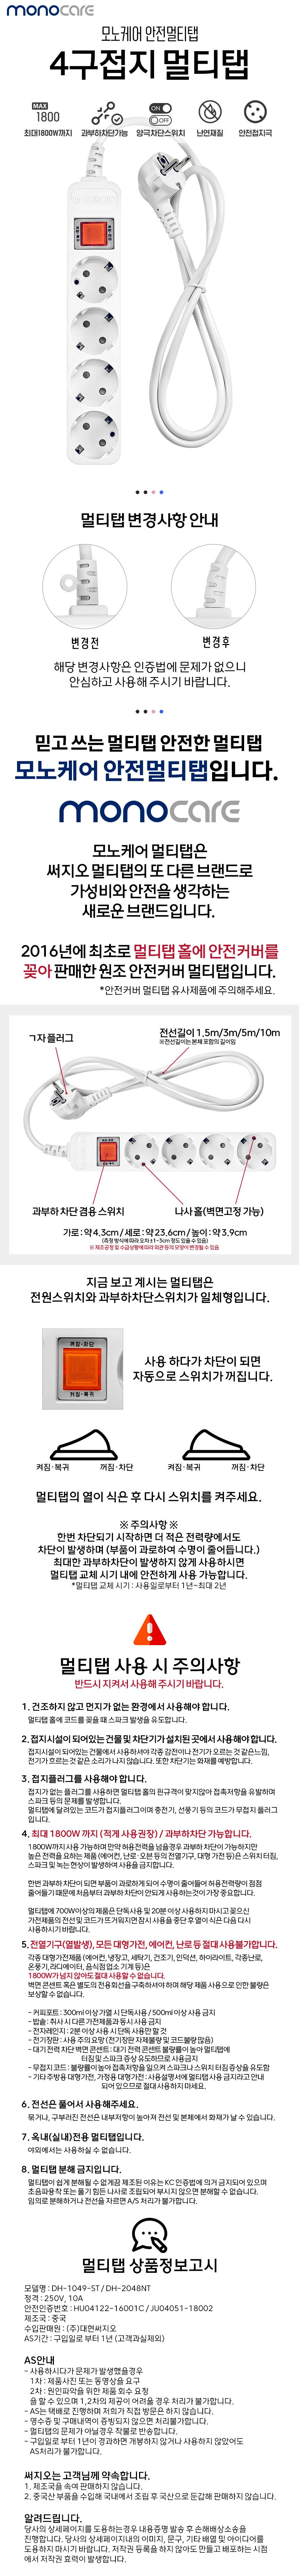 대현써지오 대현써지오 모노케어 4구 10A 메인스위치 멀티탭 (3m)